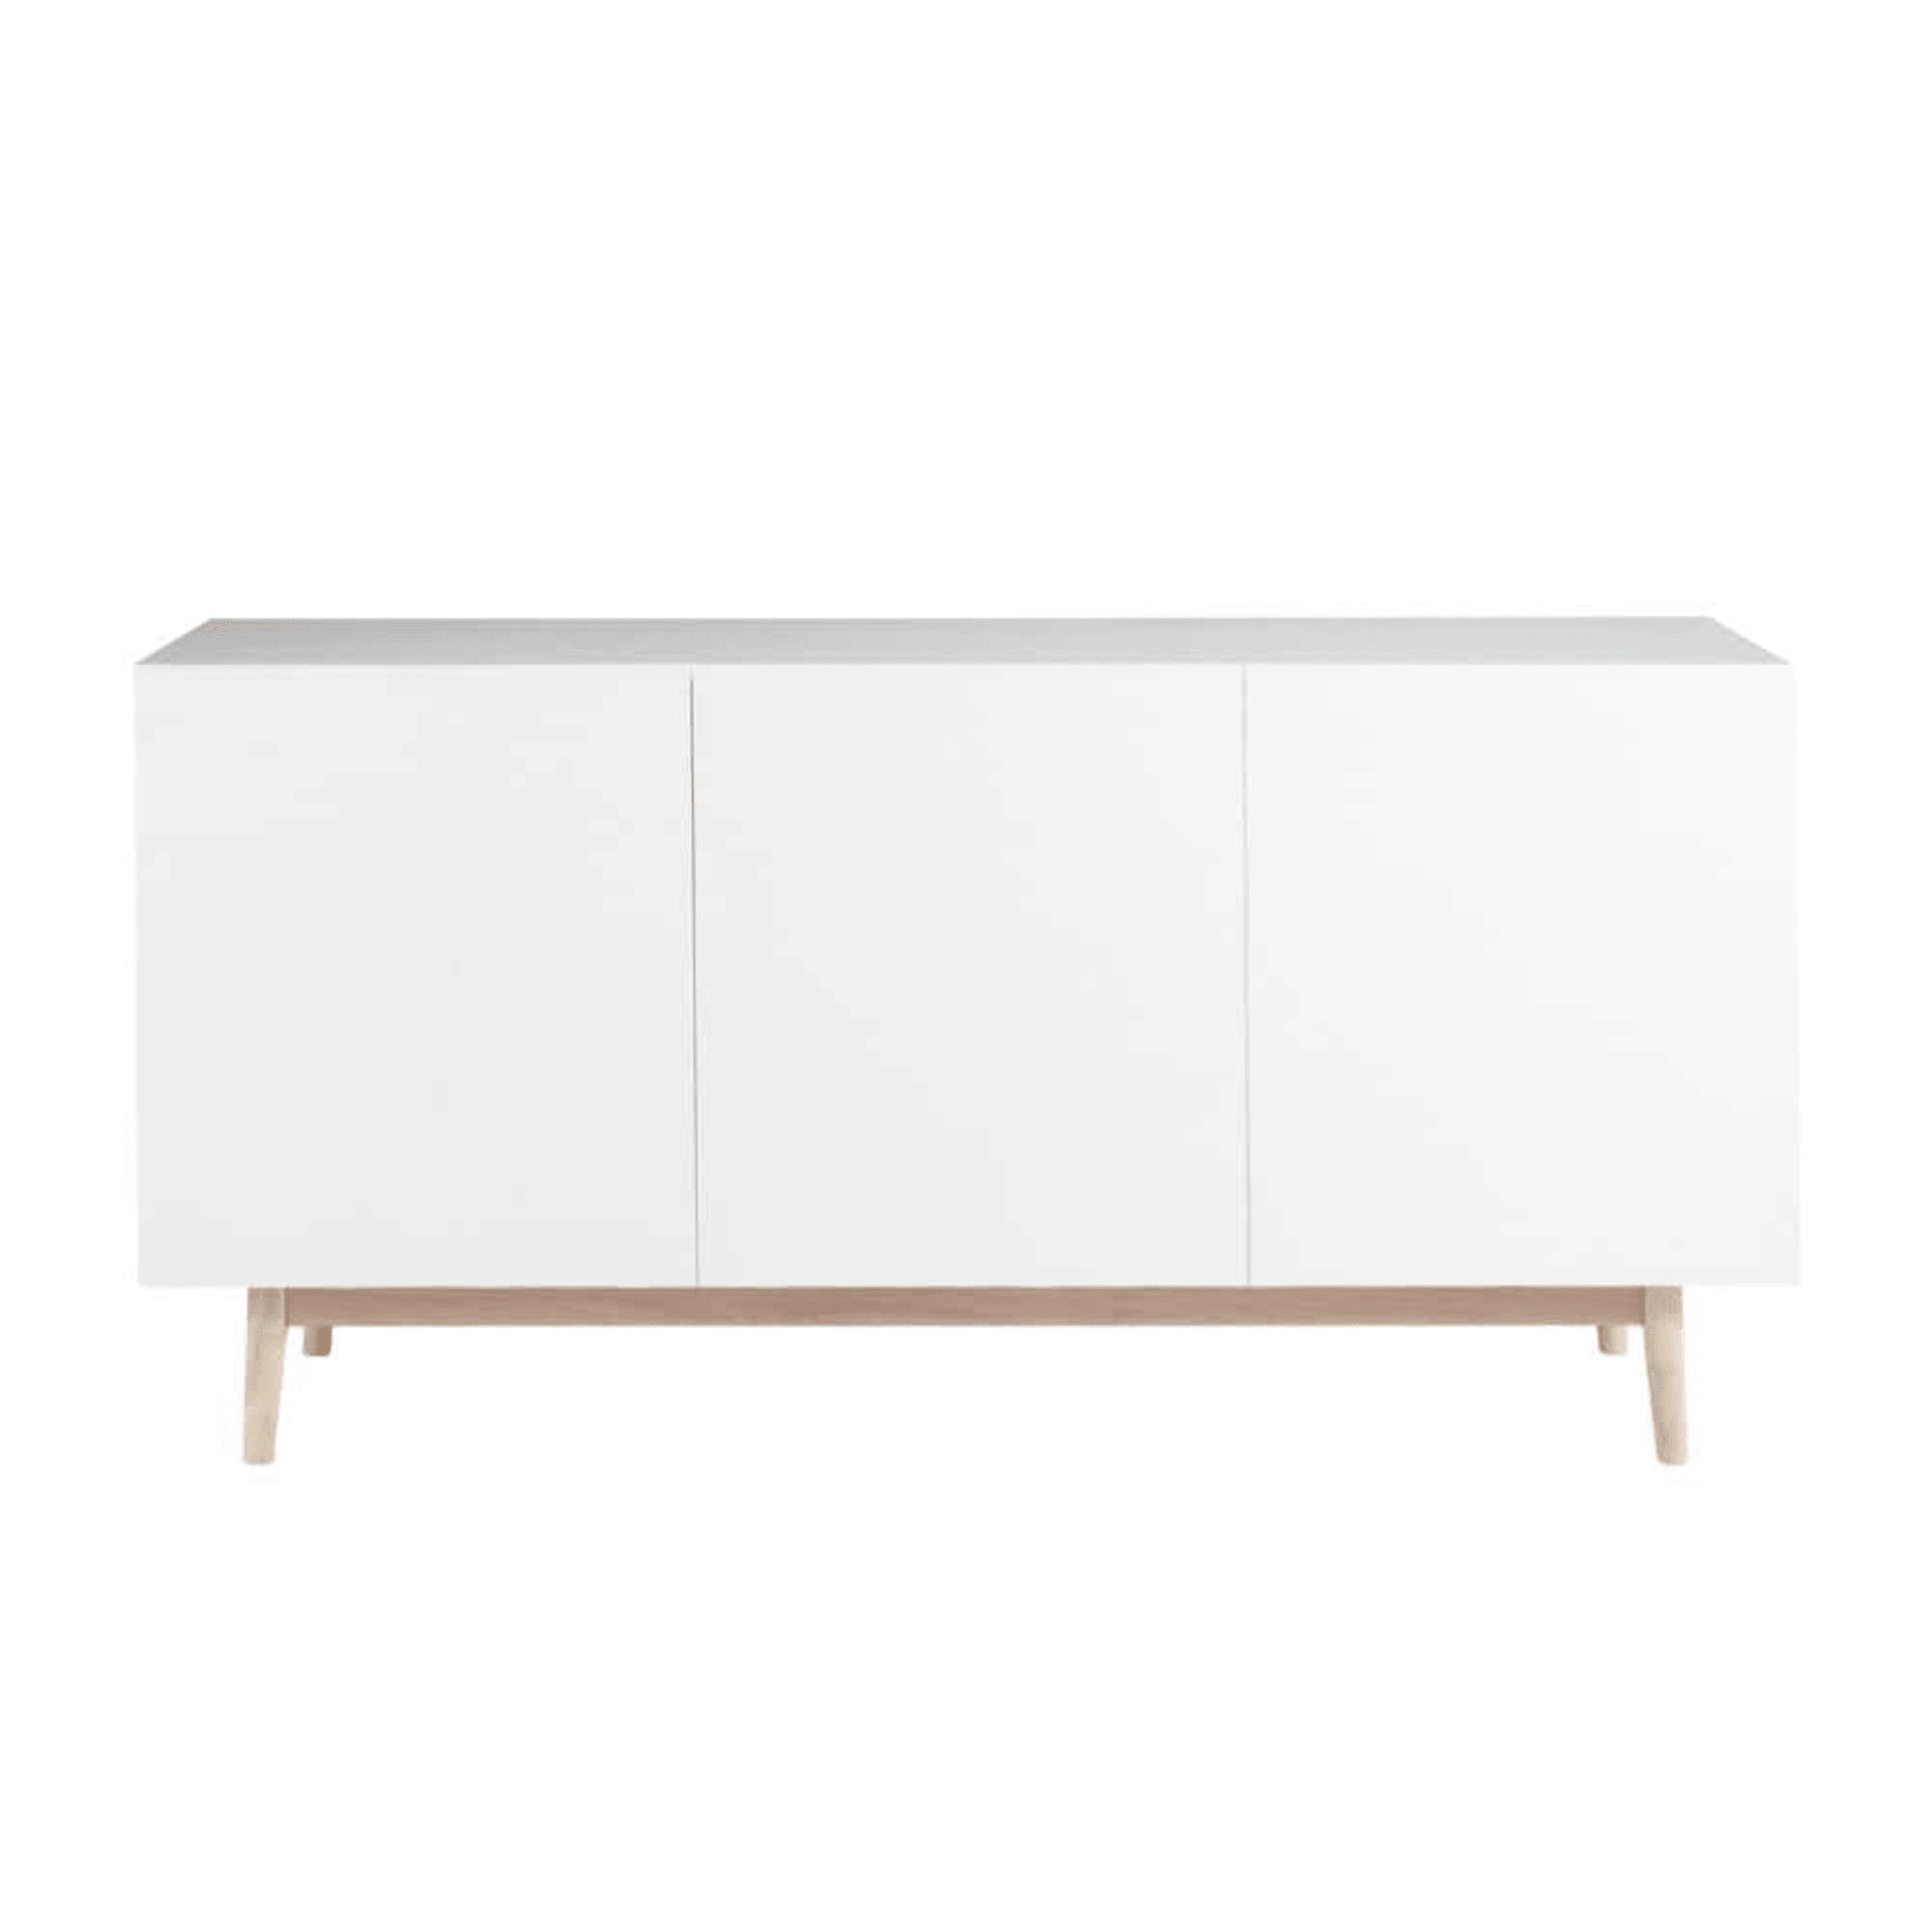 Vintage Sideboard in White | Maisons du Monde